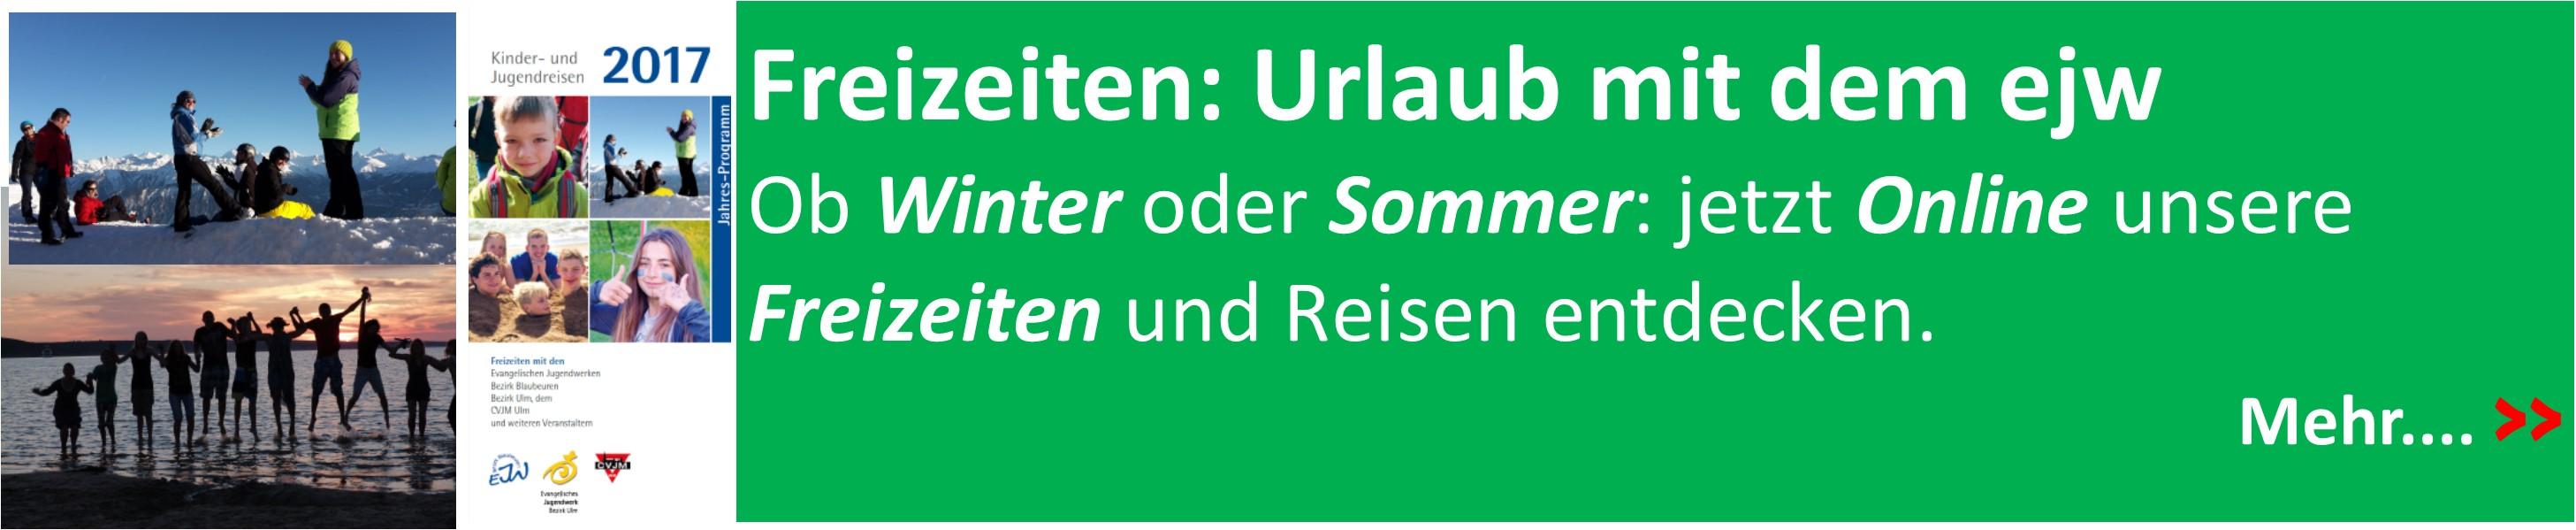 aktuell_onlineportal_freizeiten